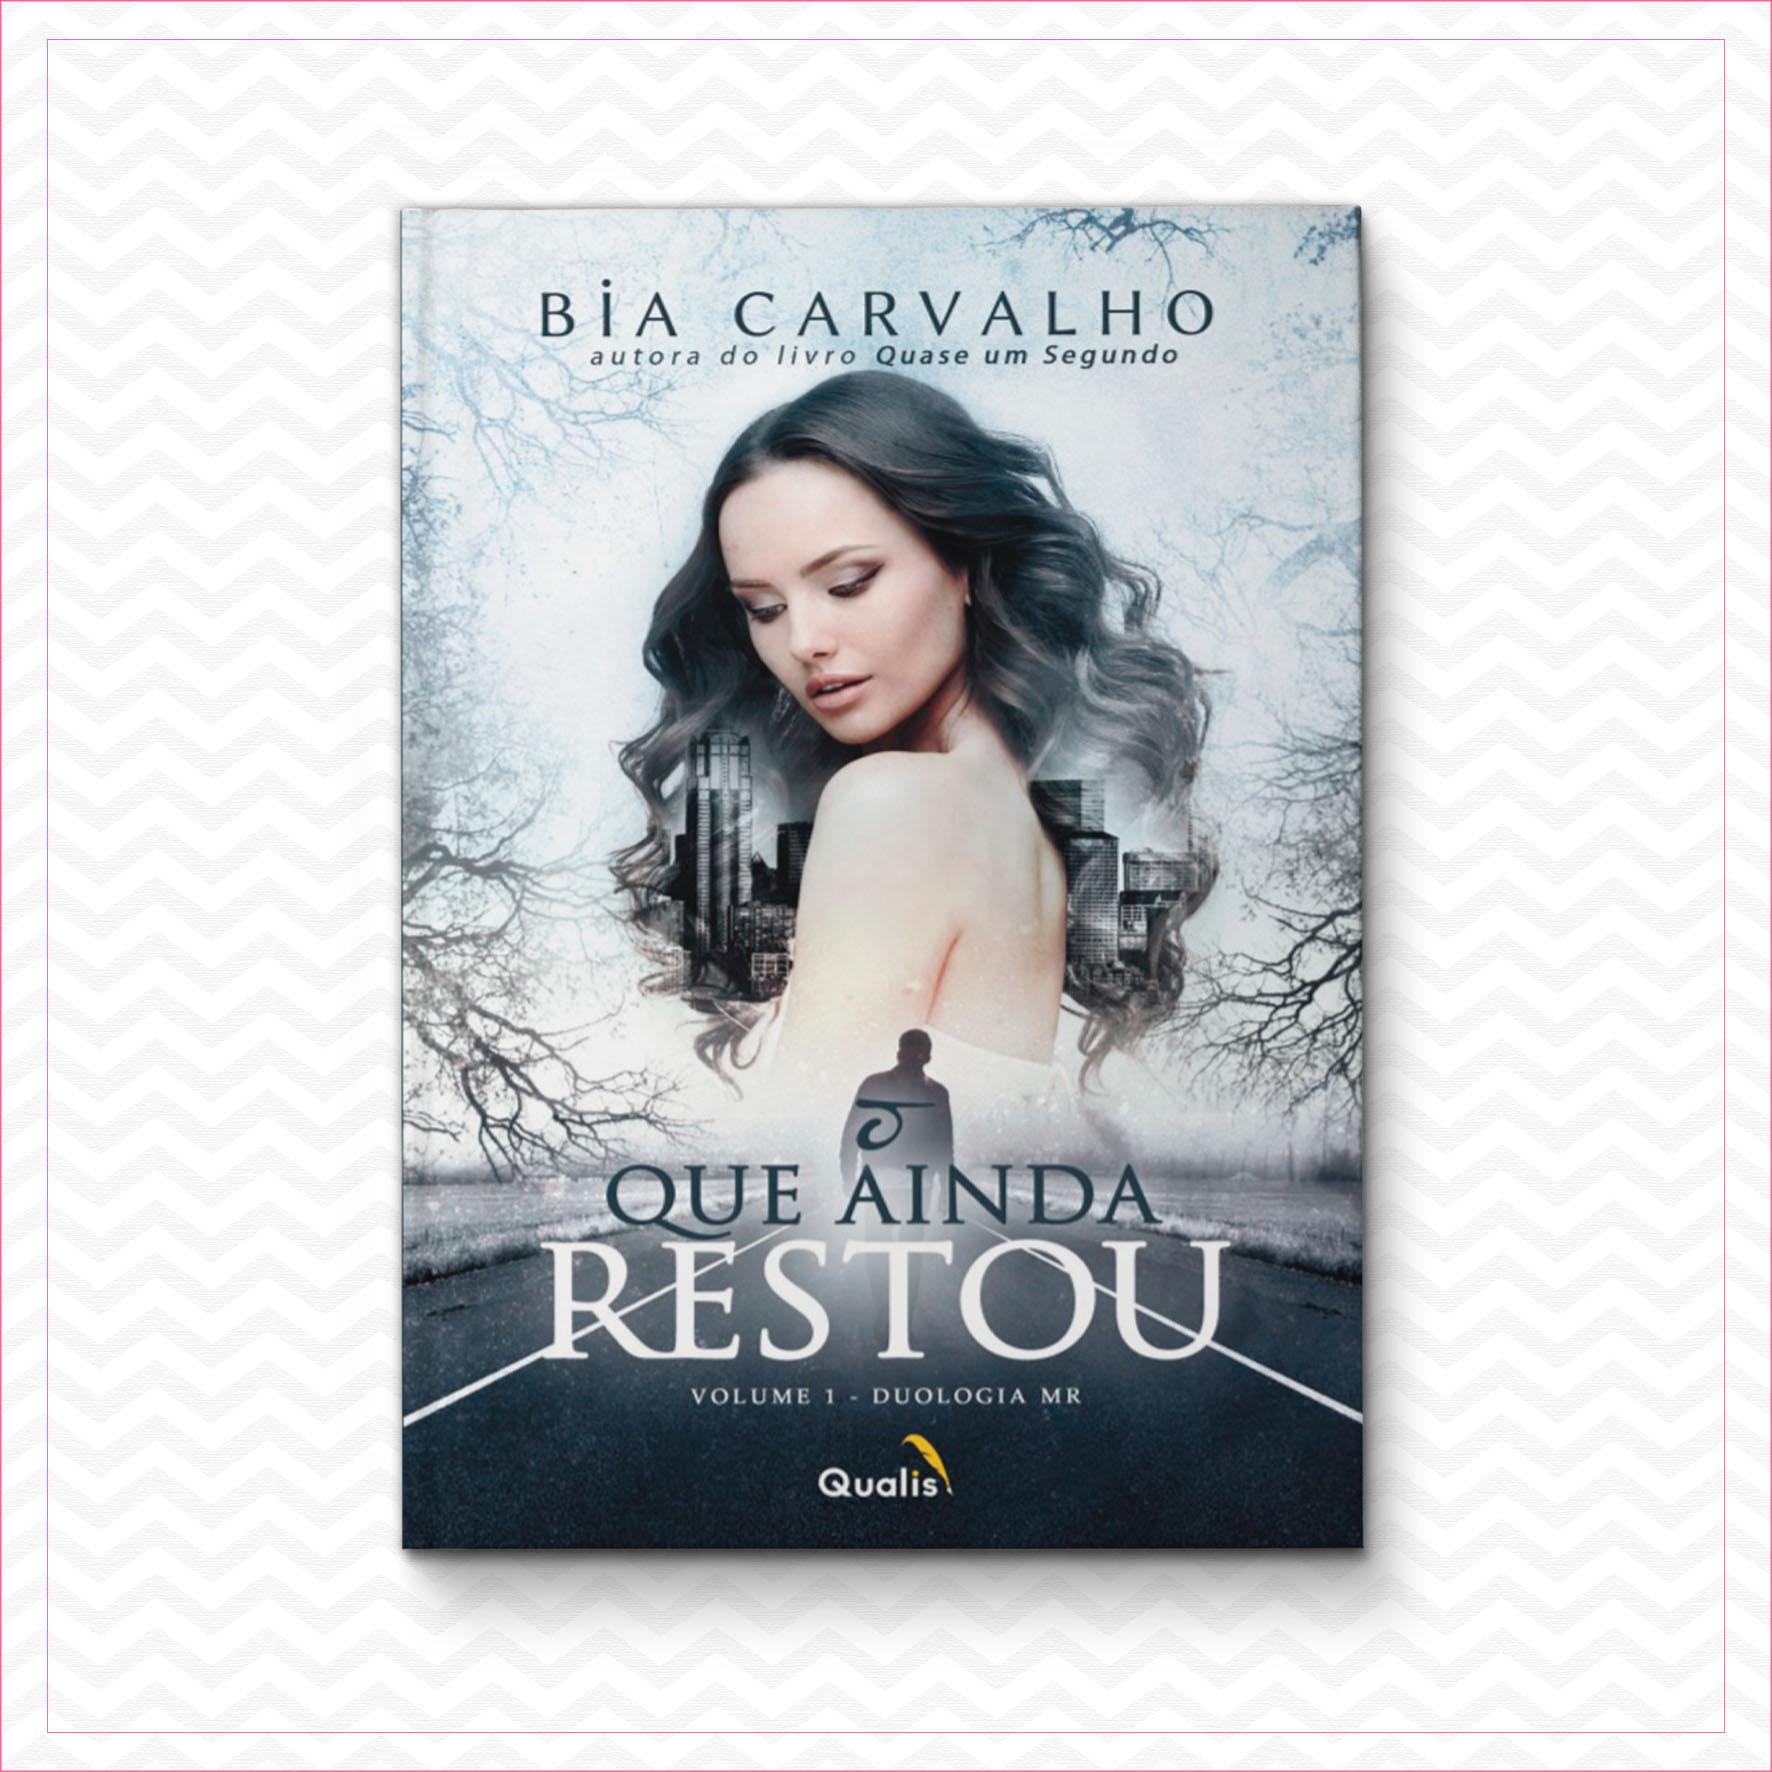 O que ainda restou – Bia Carvalho